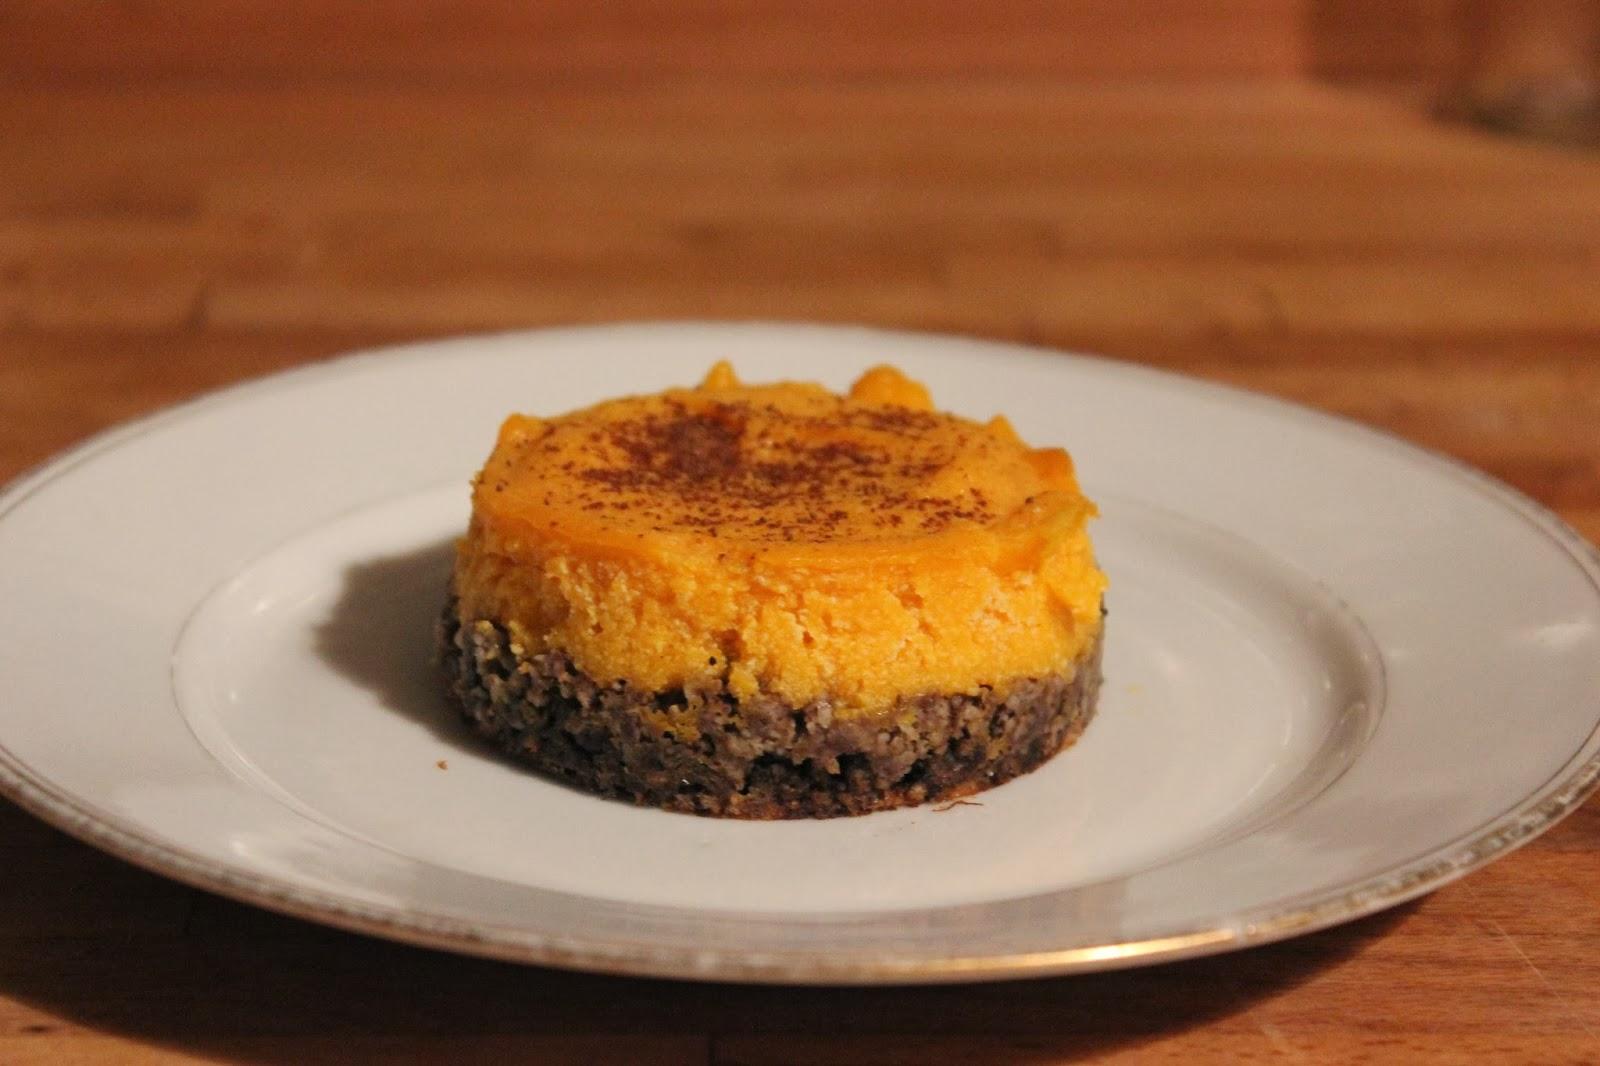 https://cuillereetsaladier.blogspot.com/2013/10/cheesecake-butternut-caroube.html